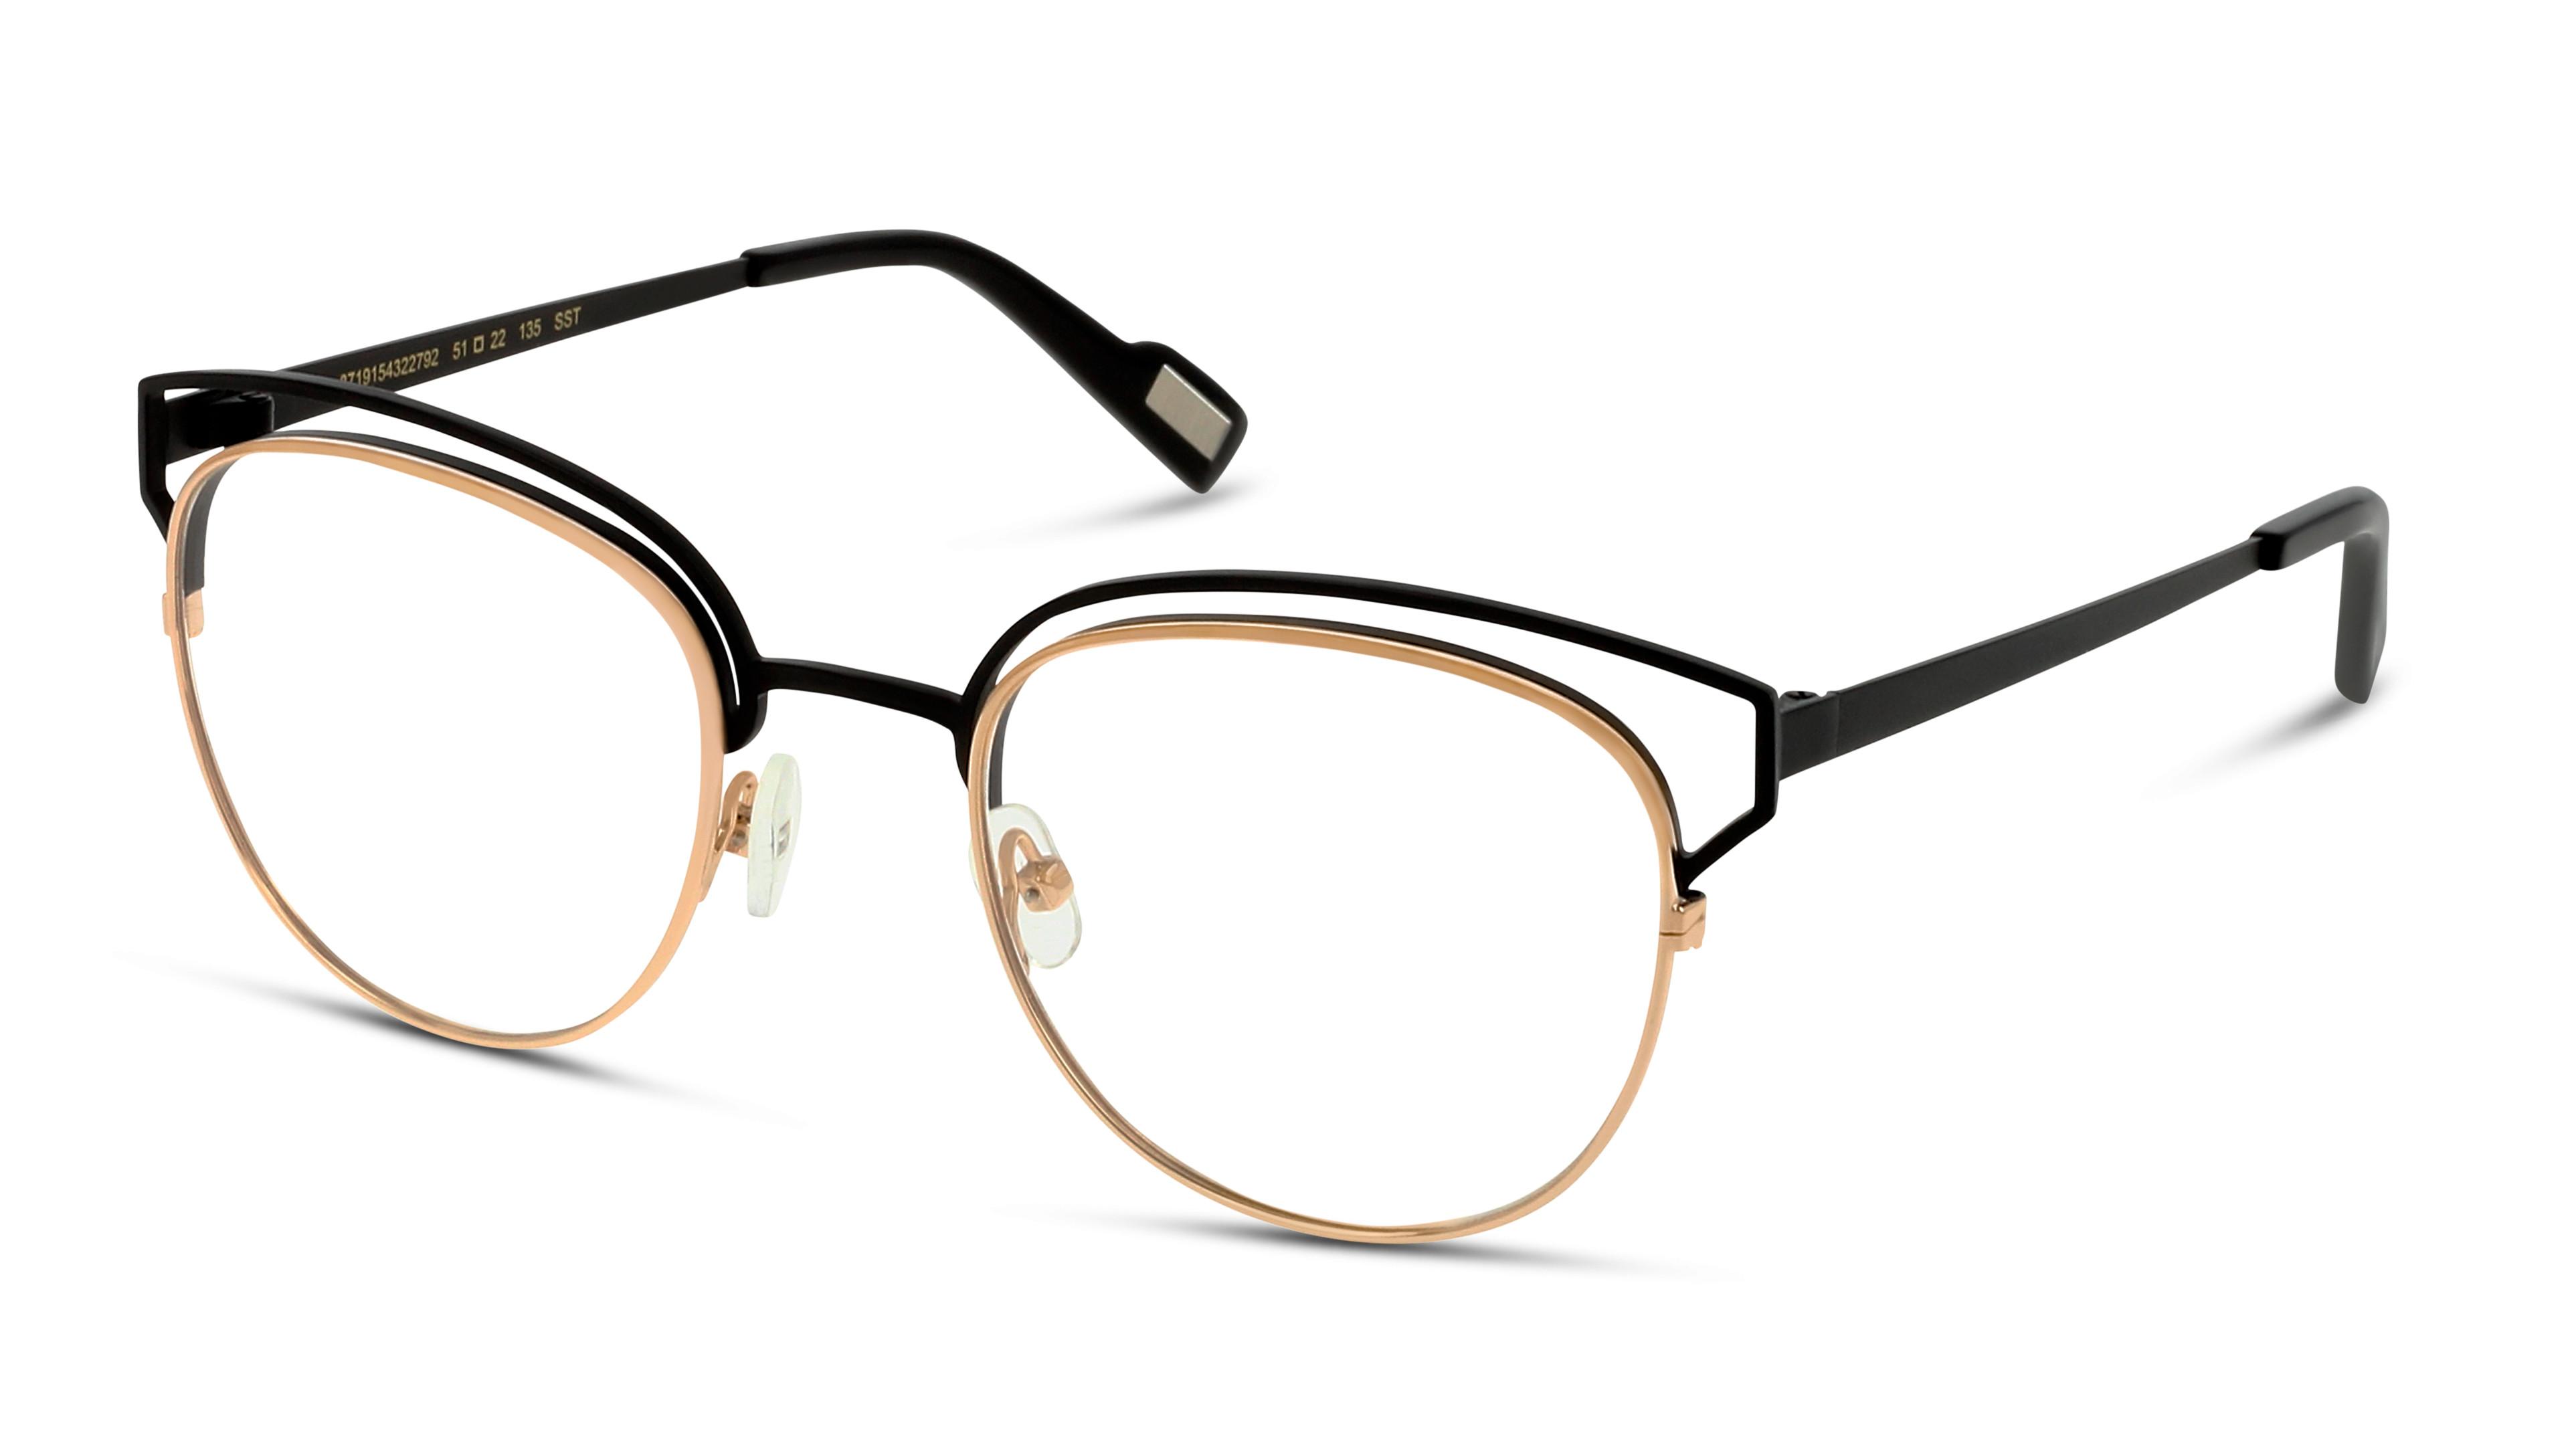 8719154621451-angle-03-fuzion-fuhf13_-eyewear-black-gold